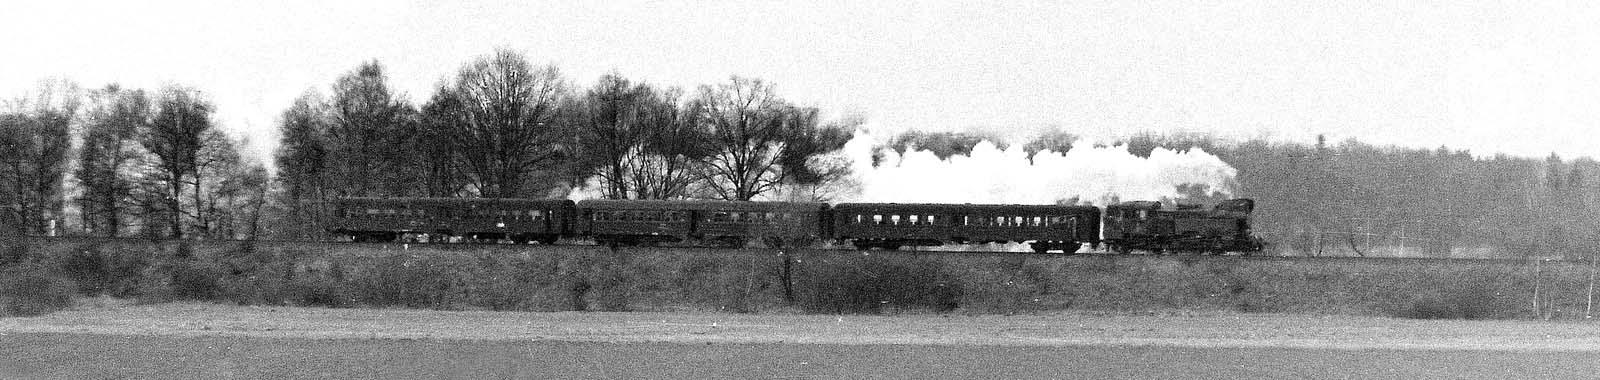 Pociąg do Kępna tuż za Sycowem. Dnia 02 lutego 1988 roku.